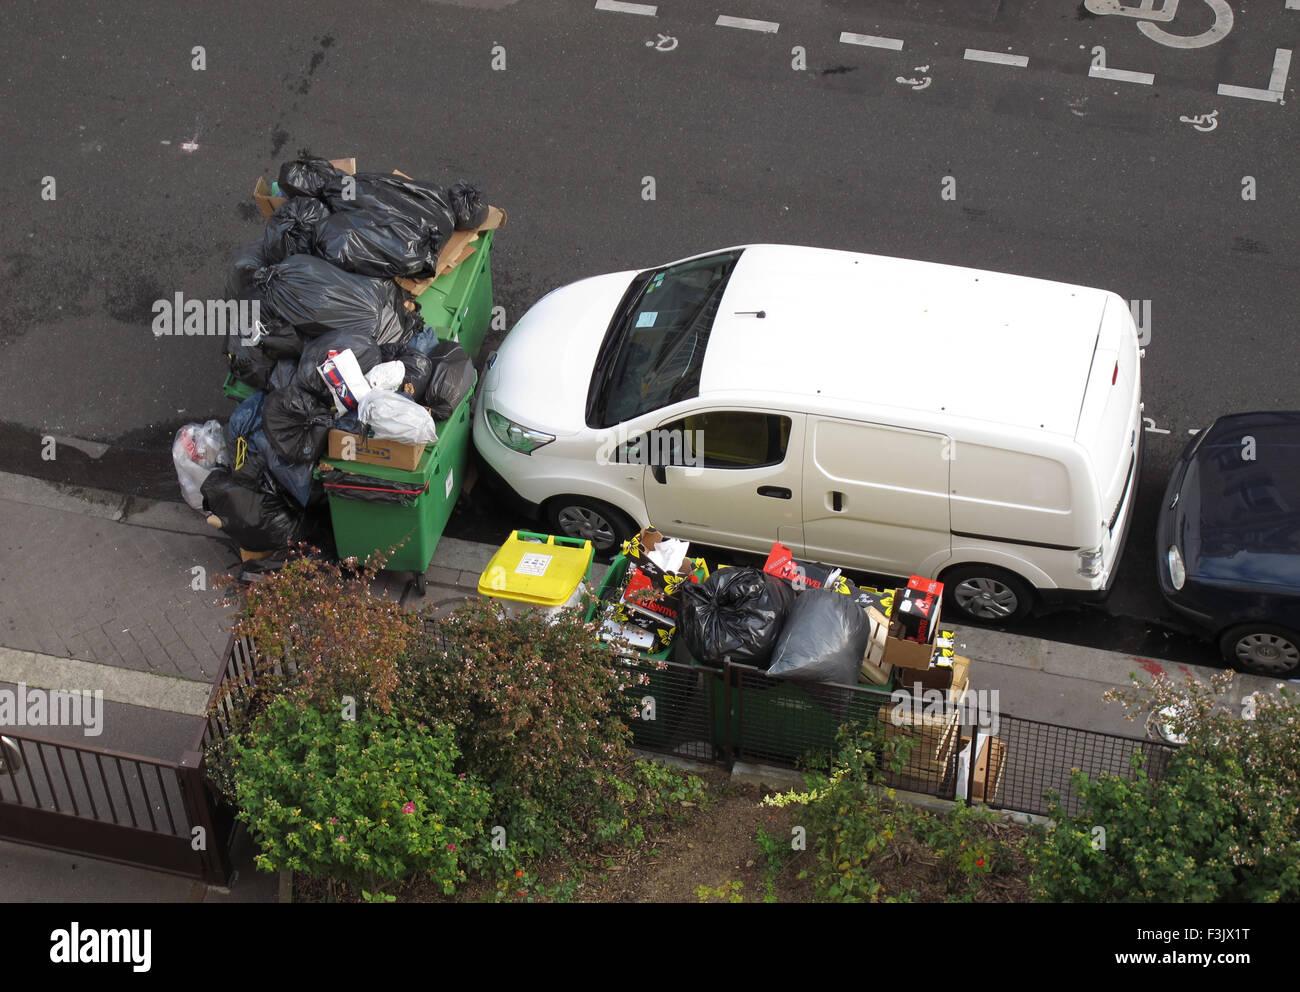 Streik der Müllabfuhr, Paris, Frankreich Stockbild